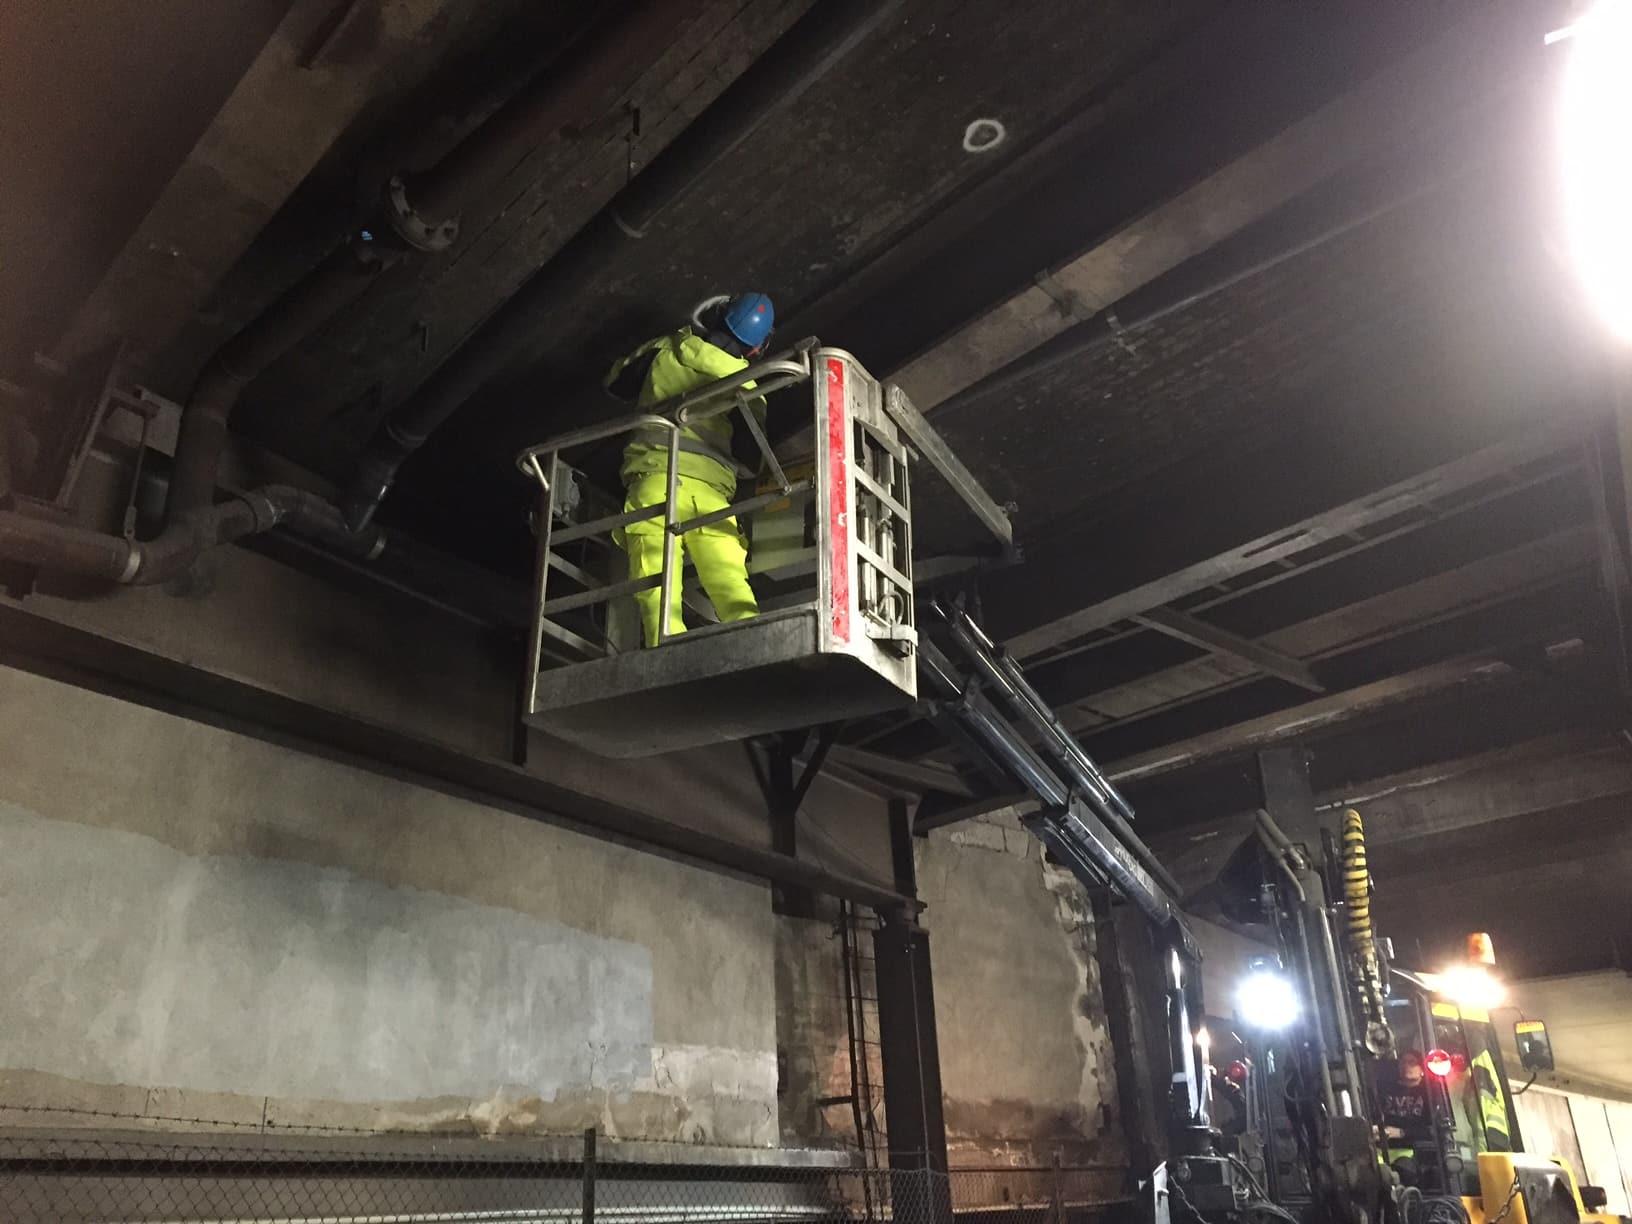 Skyddsskrotning betong slussen gamla stan allblästring 02